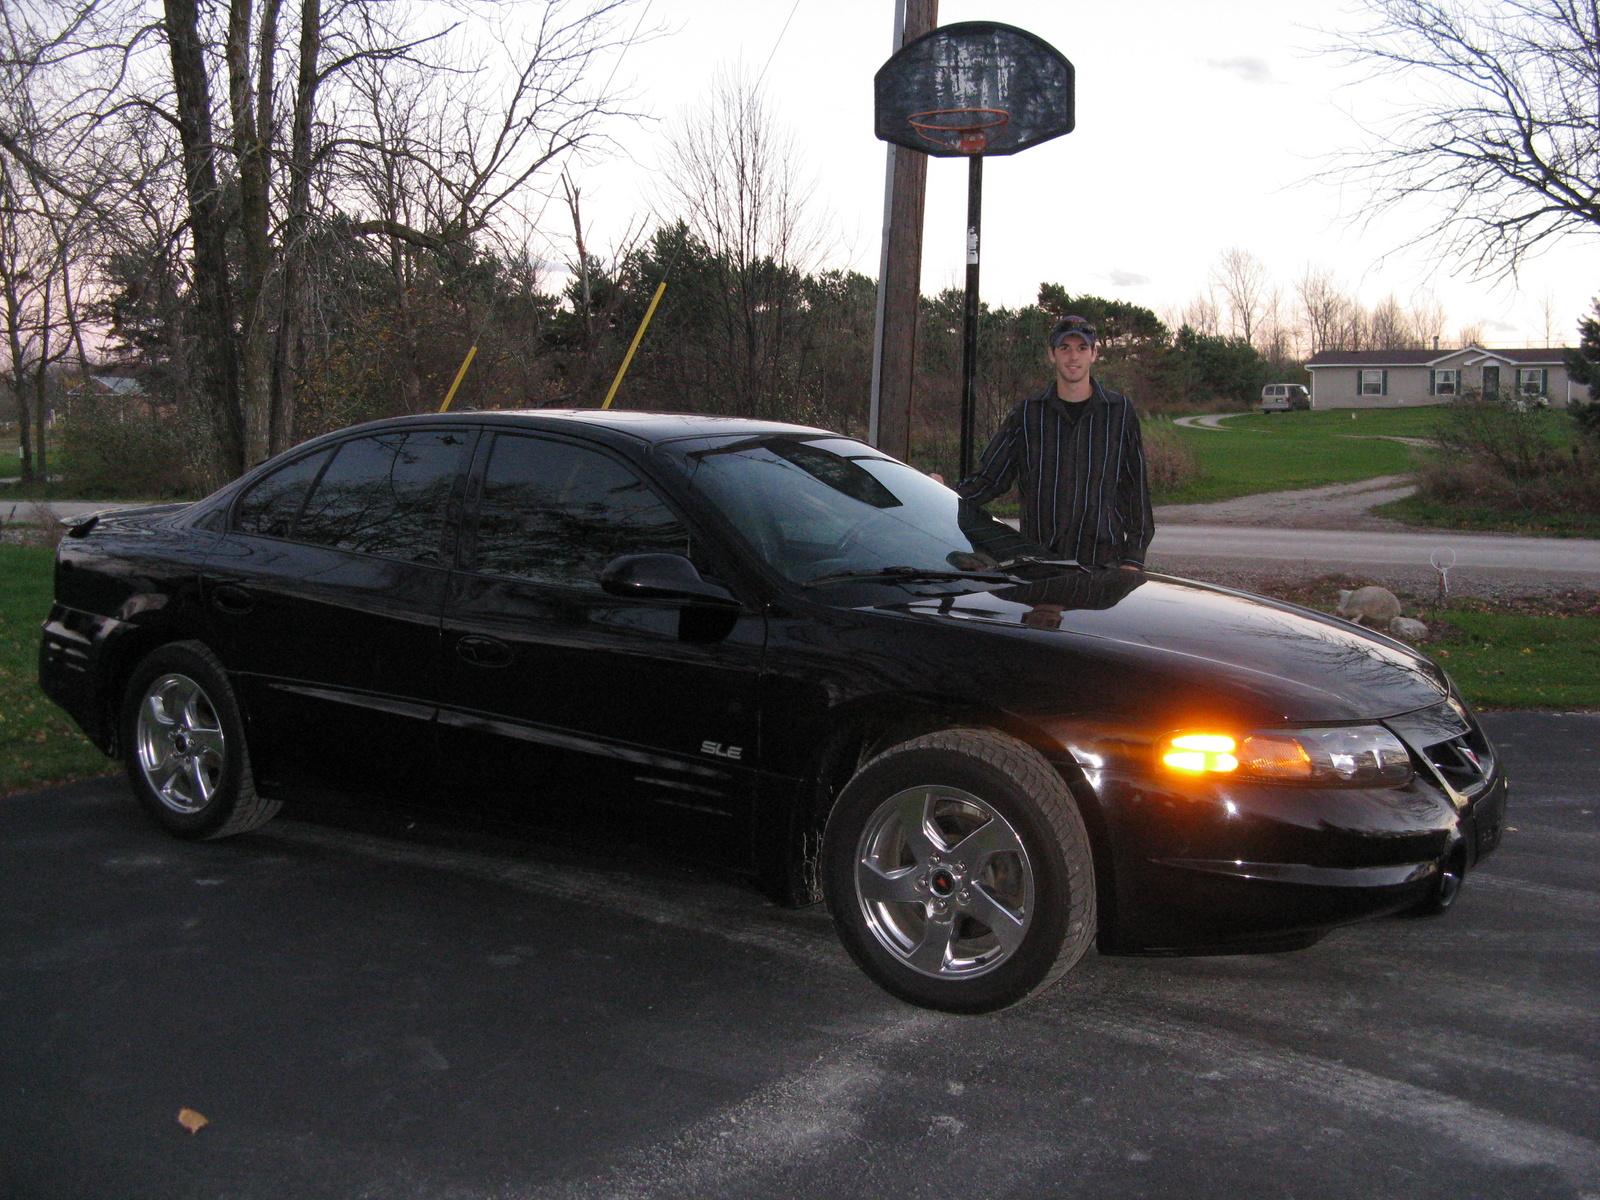 2004 Pontiac Bonneville - Pictures - 2004 Pontiac Bonneville SLE pi ...